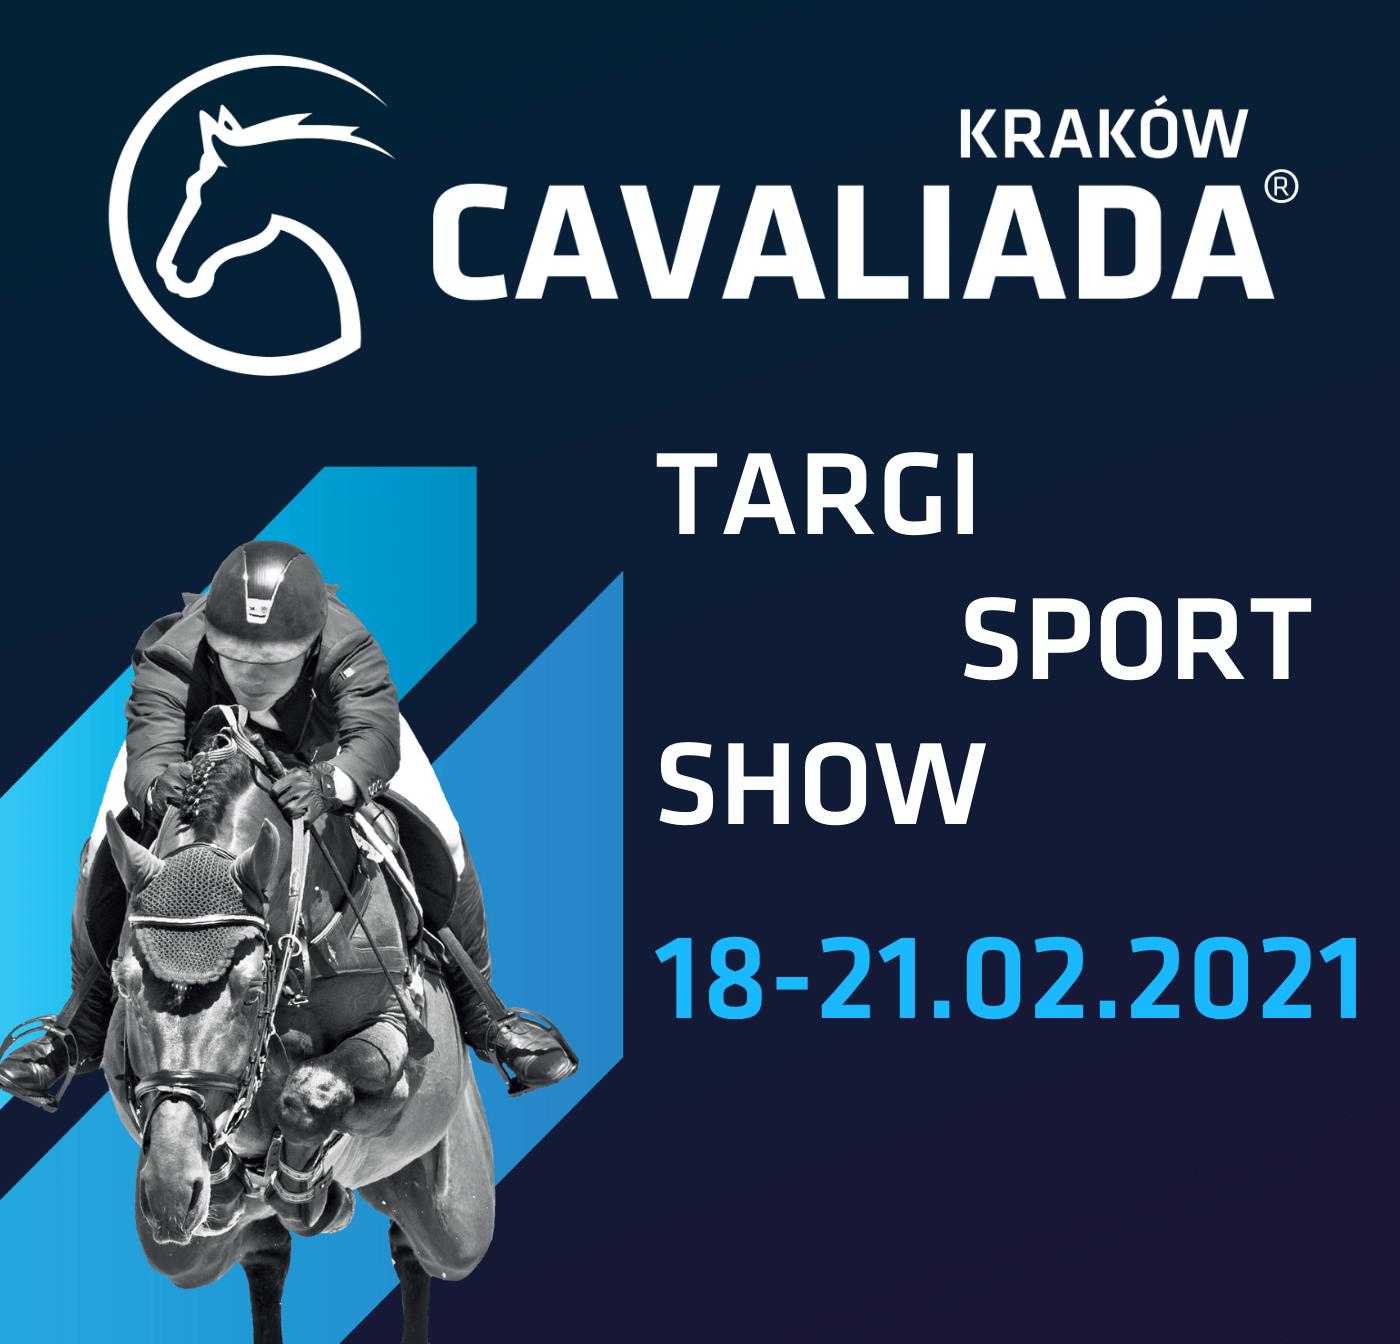 Cavaliada Kraków 2021